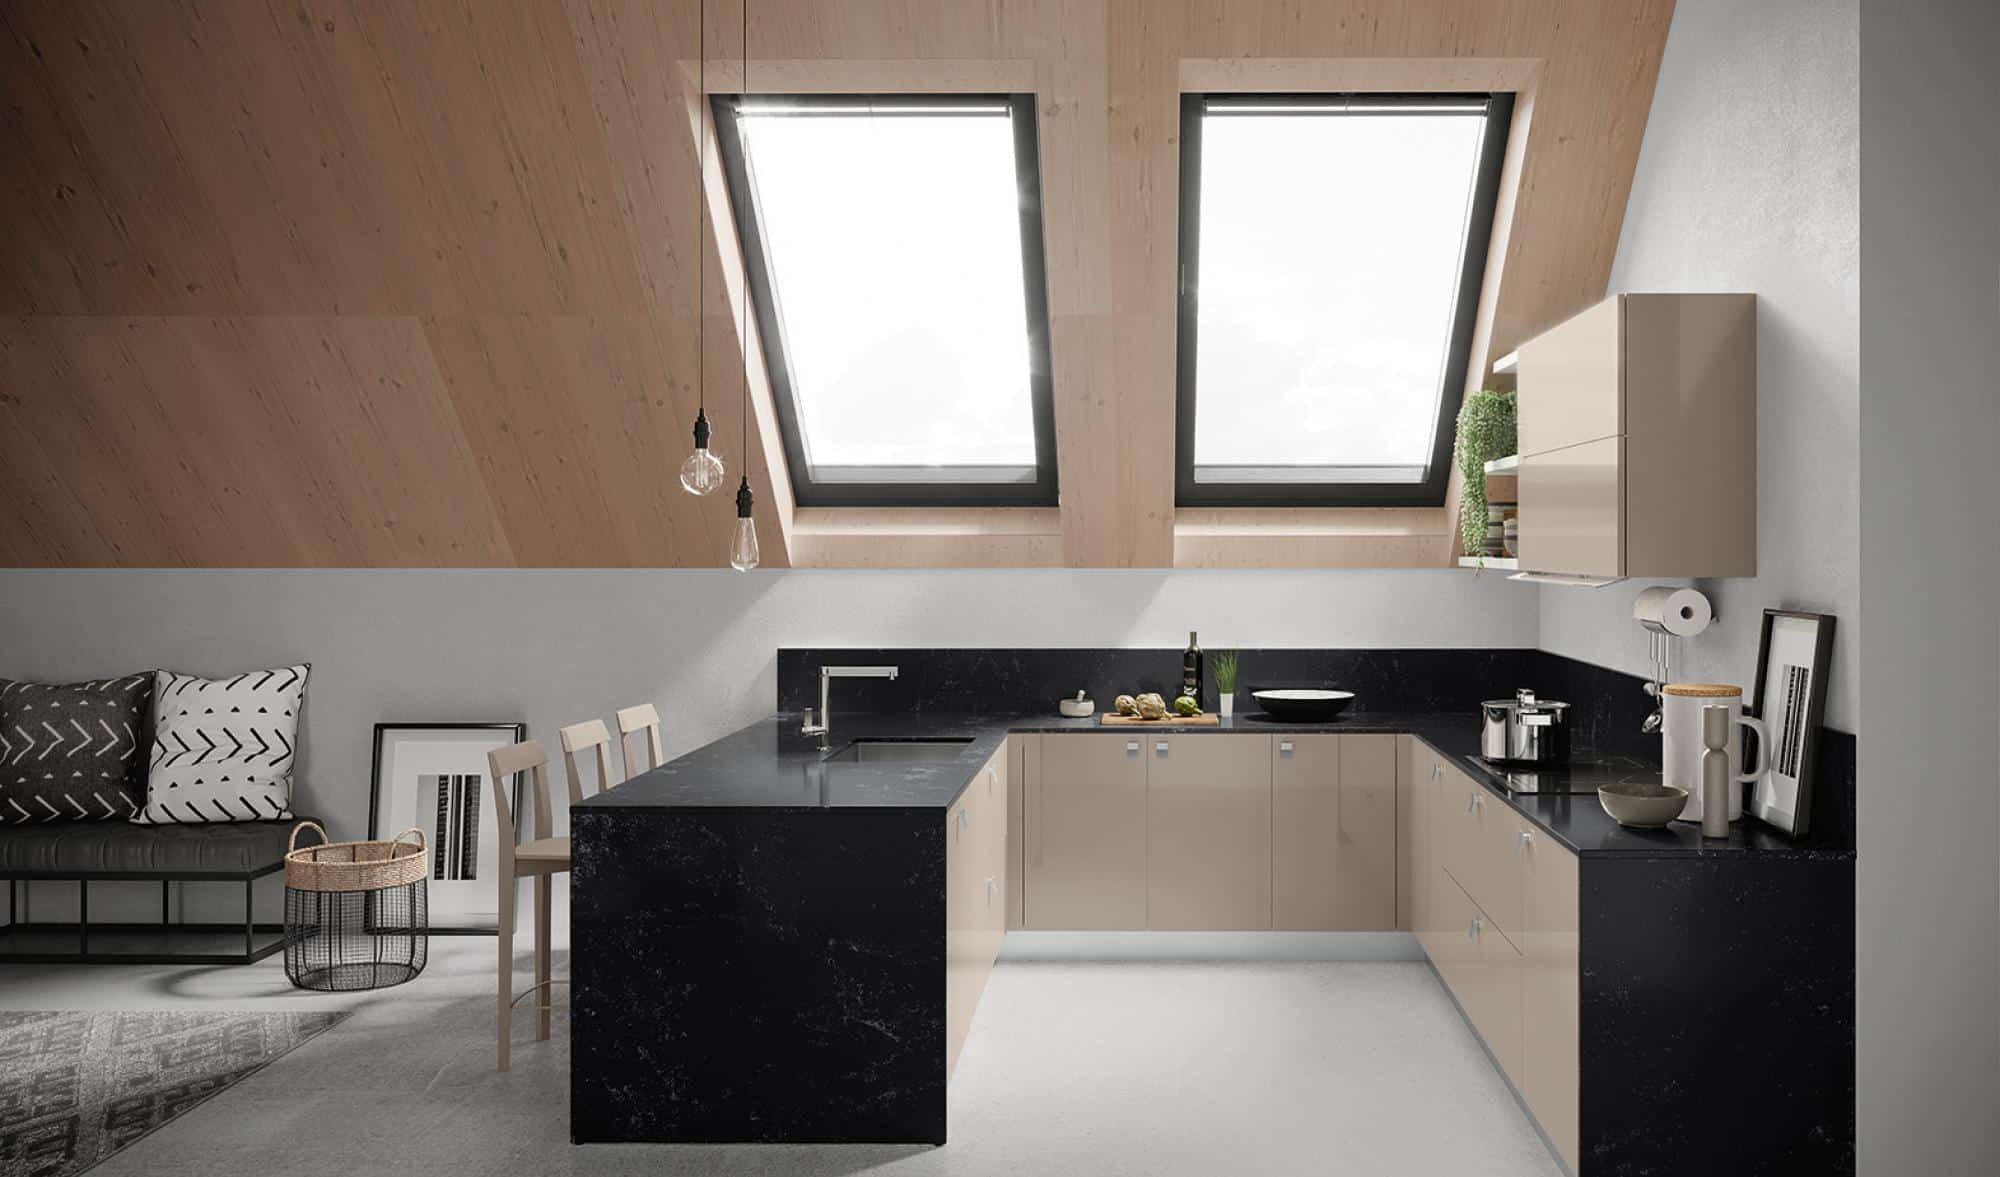 Κουζινα σε γυαλιστερό μπεζ πολυμερικο με μαυρο Okite παγκο